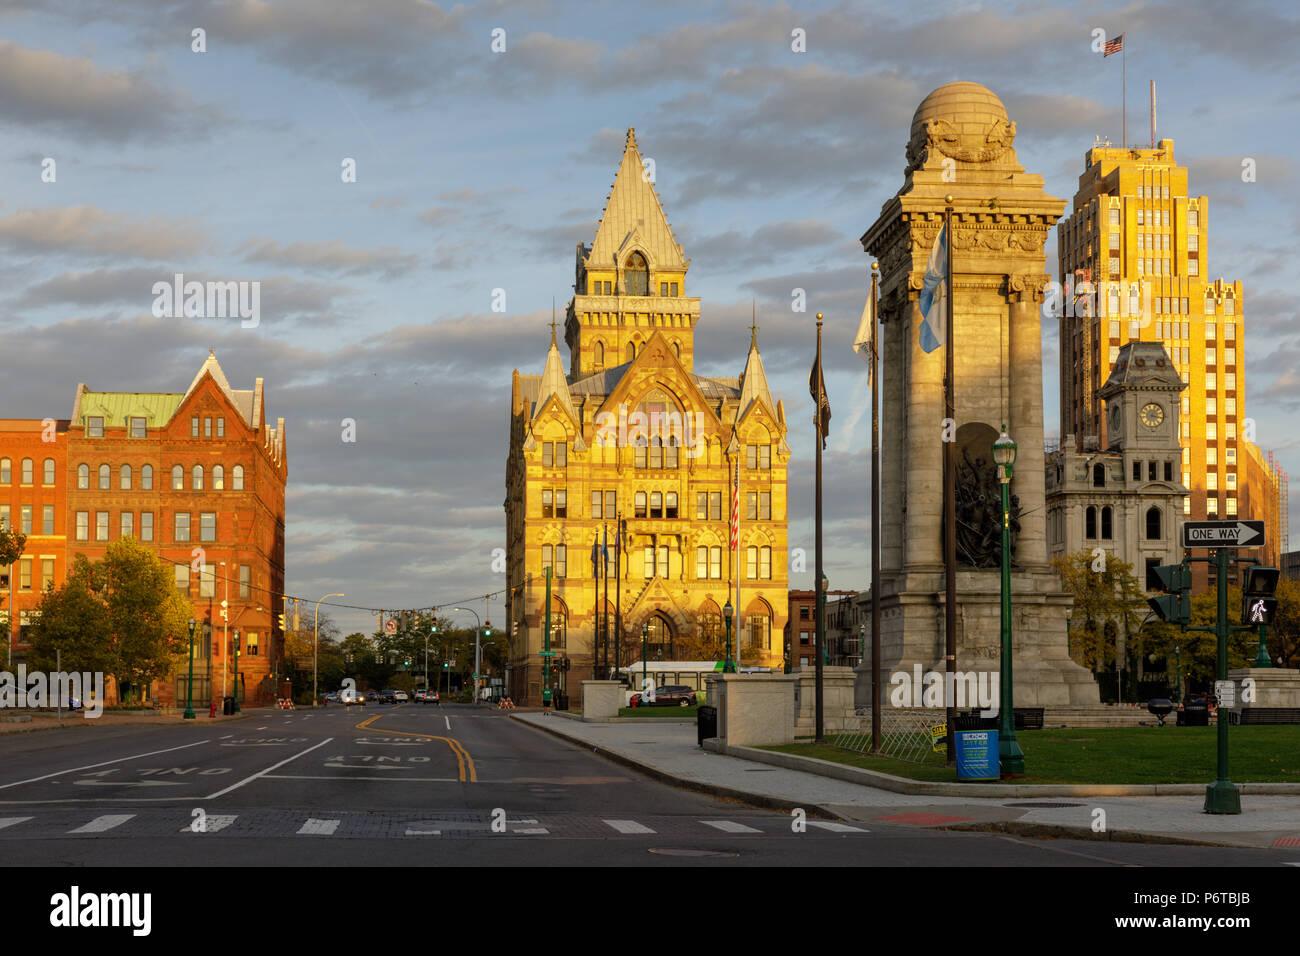 Syracuse, New York: Sunset skyline of Syracuse around Clinton Square. - Stock Image